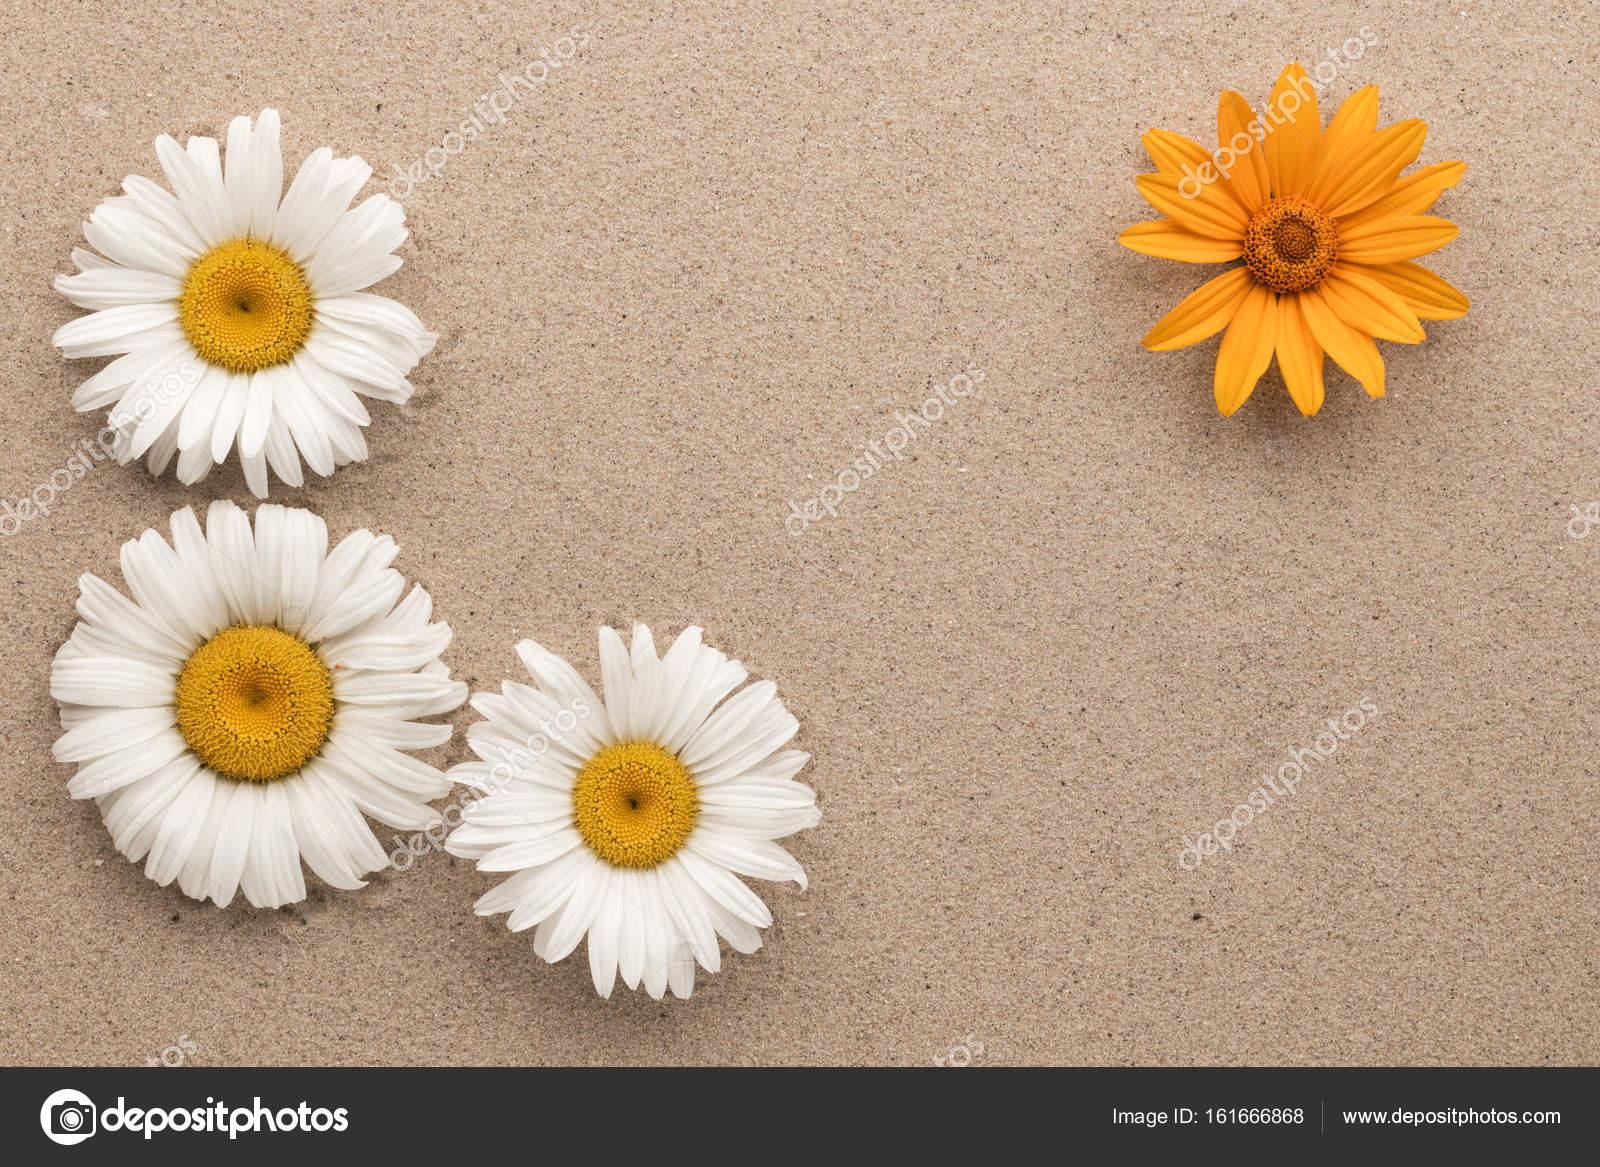 Marco de tres blancos y margaritas amarillas una en la arena — Foto ...